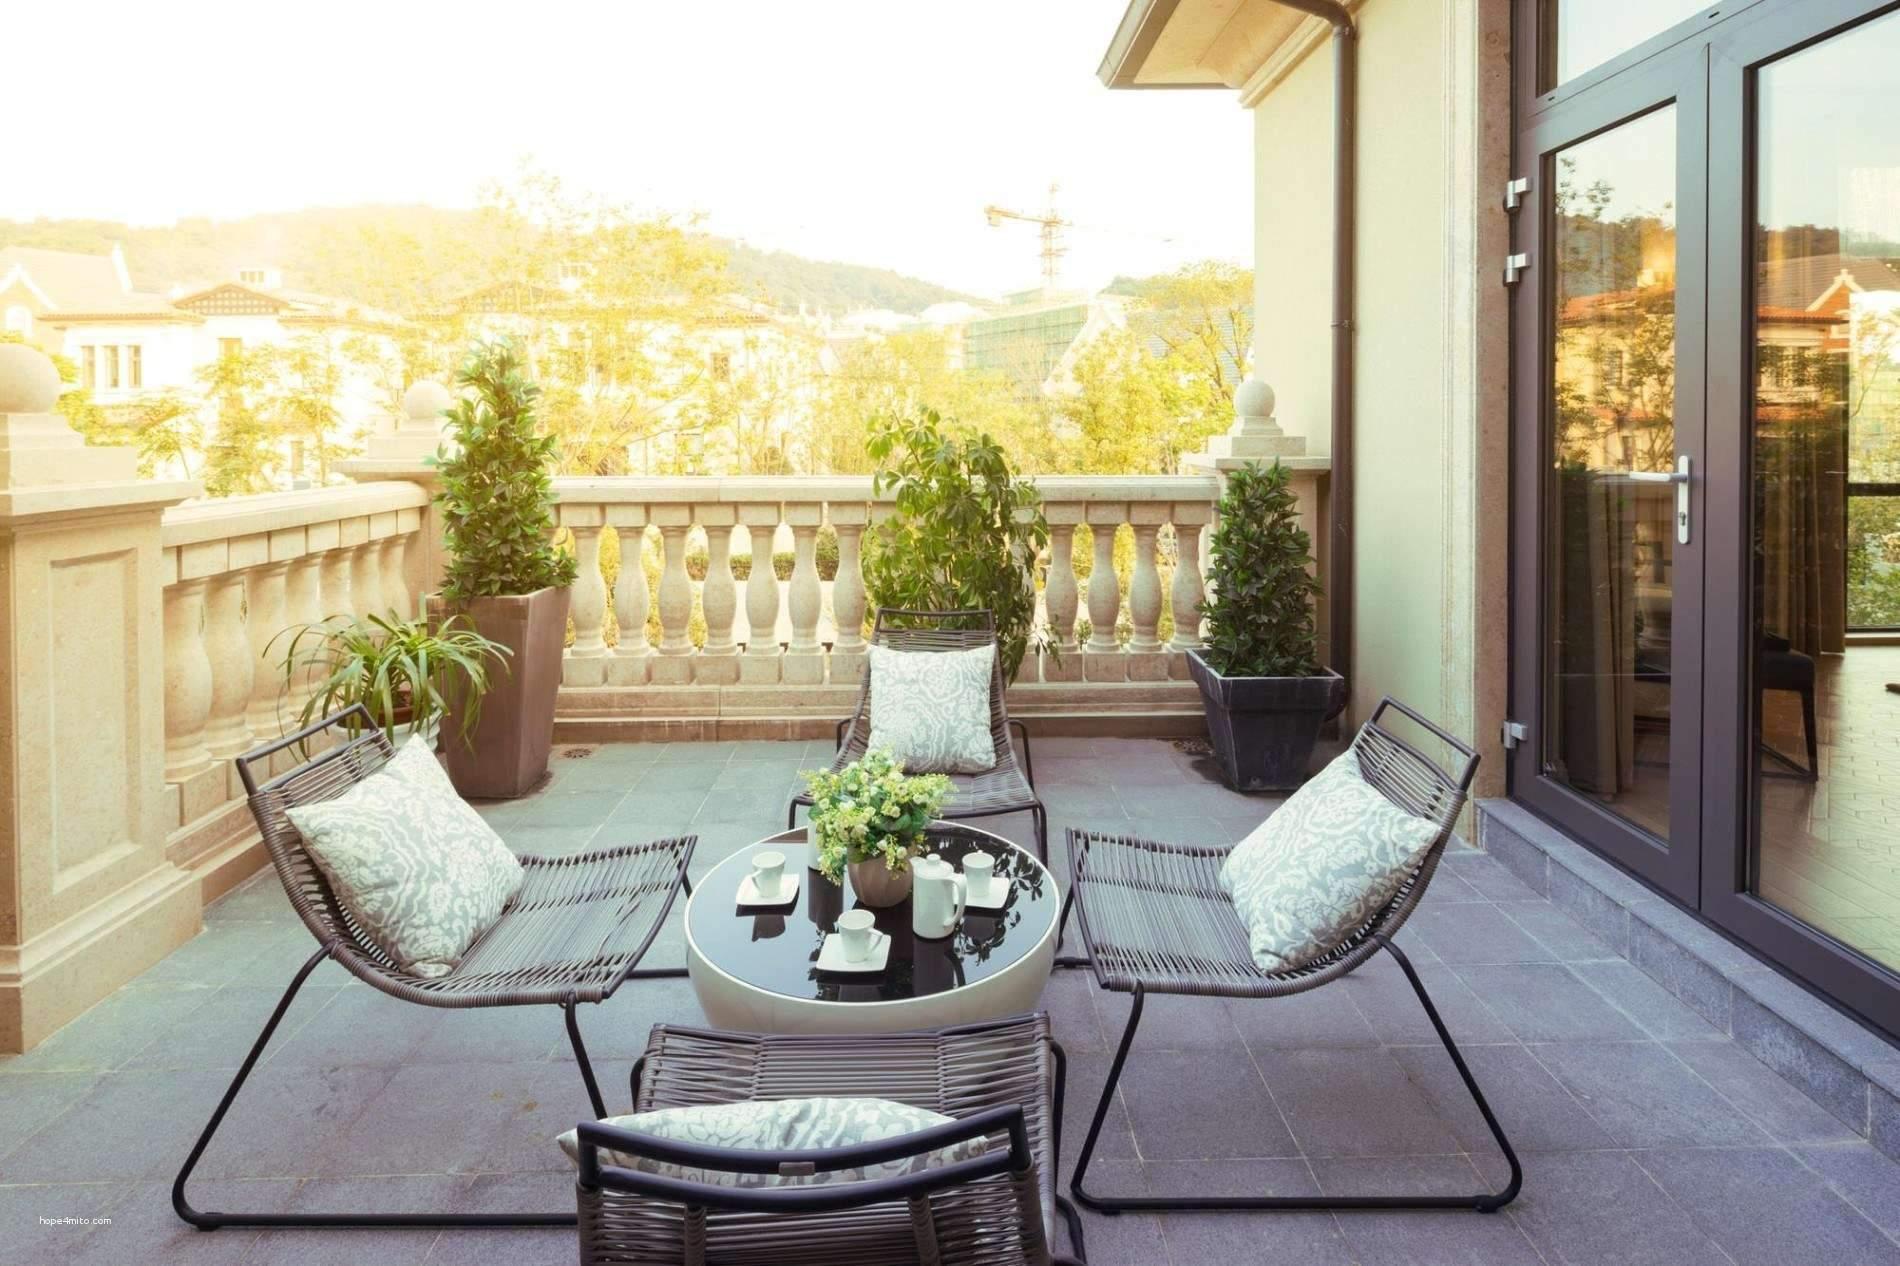 Garten Dekorieren Best Of 31 Reizend Wohnzimmer Deko Selber Machen Genial